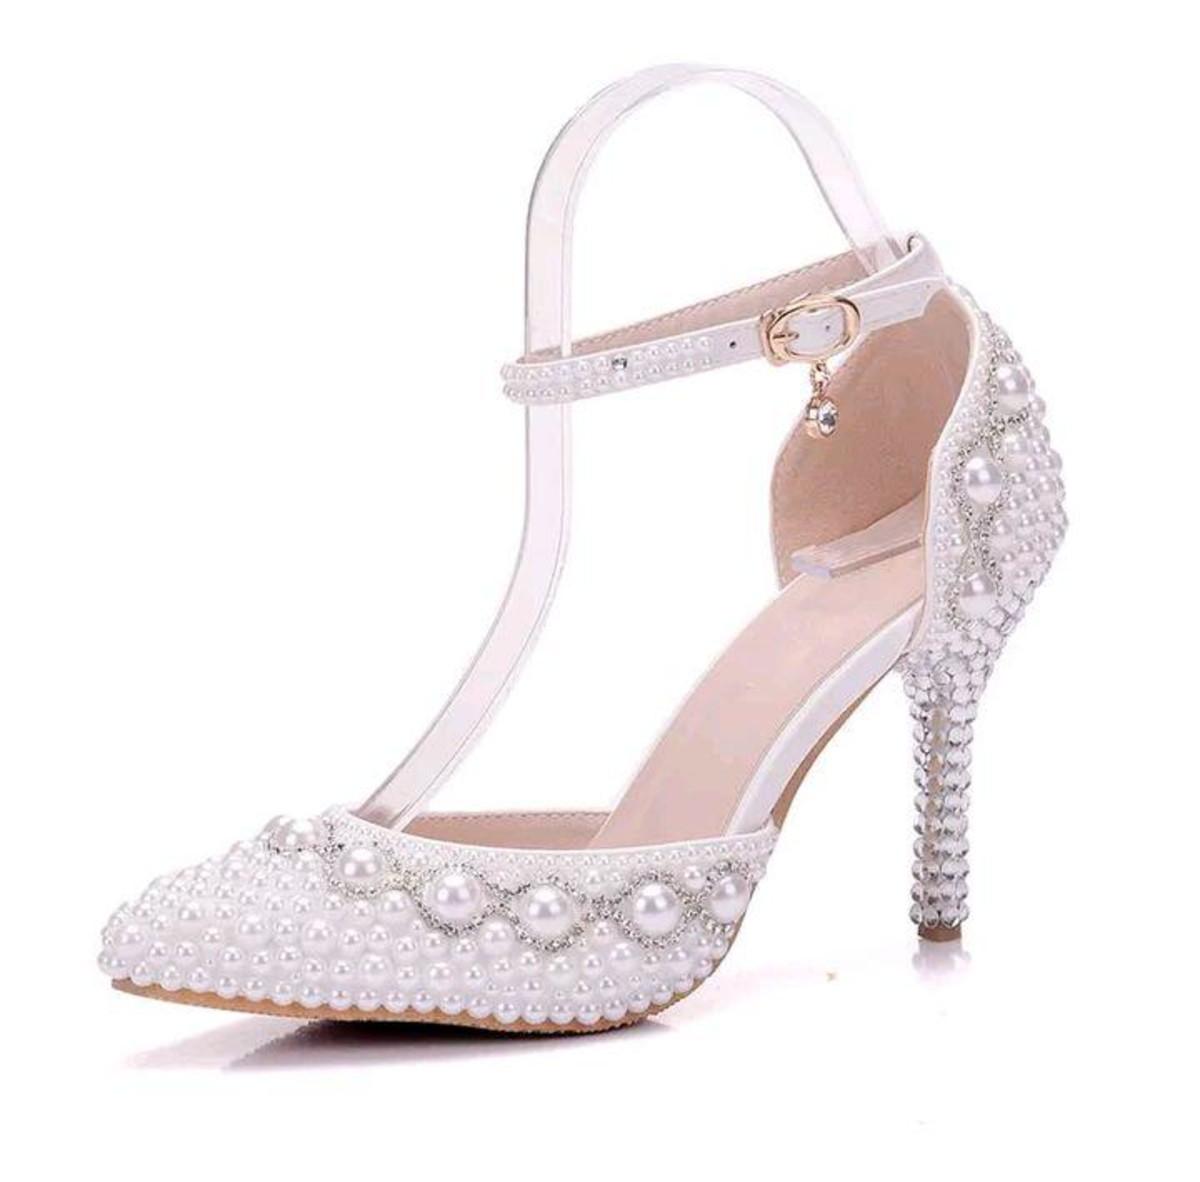 636efd097 Sapato de Noiva personalizado no Elo7 | Cantinho Príncipe e Princesa ...